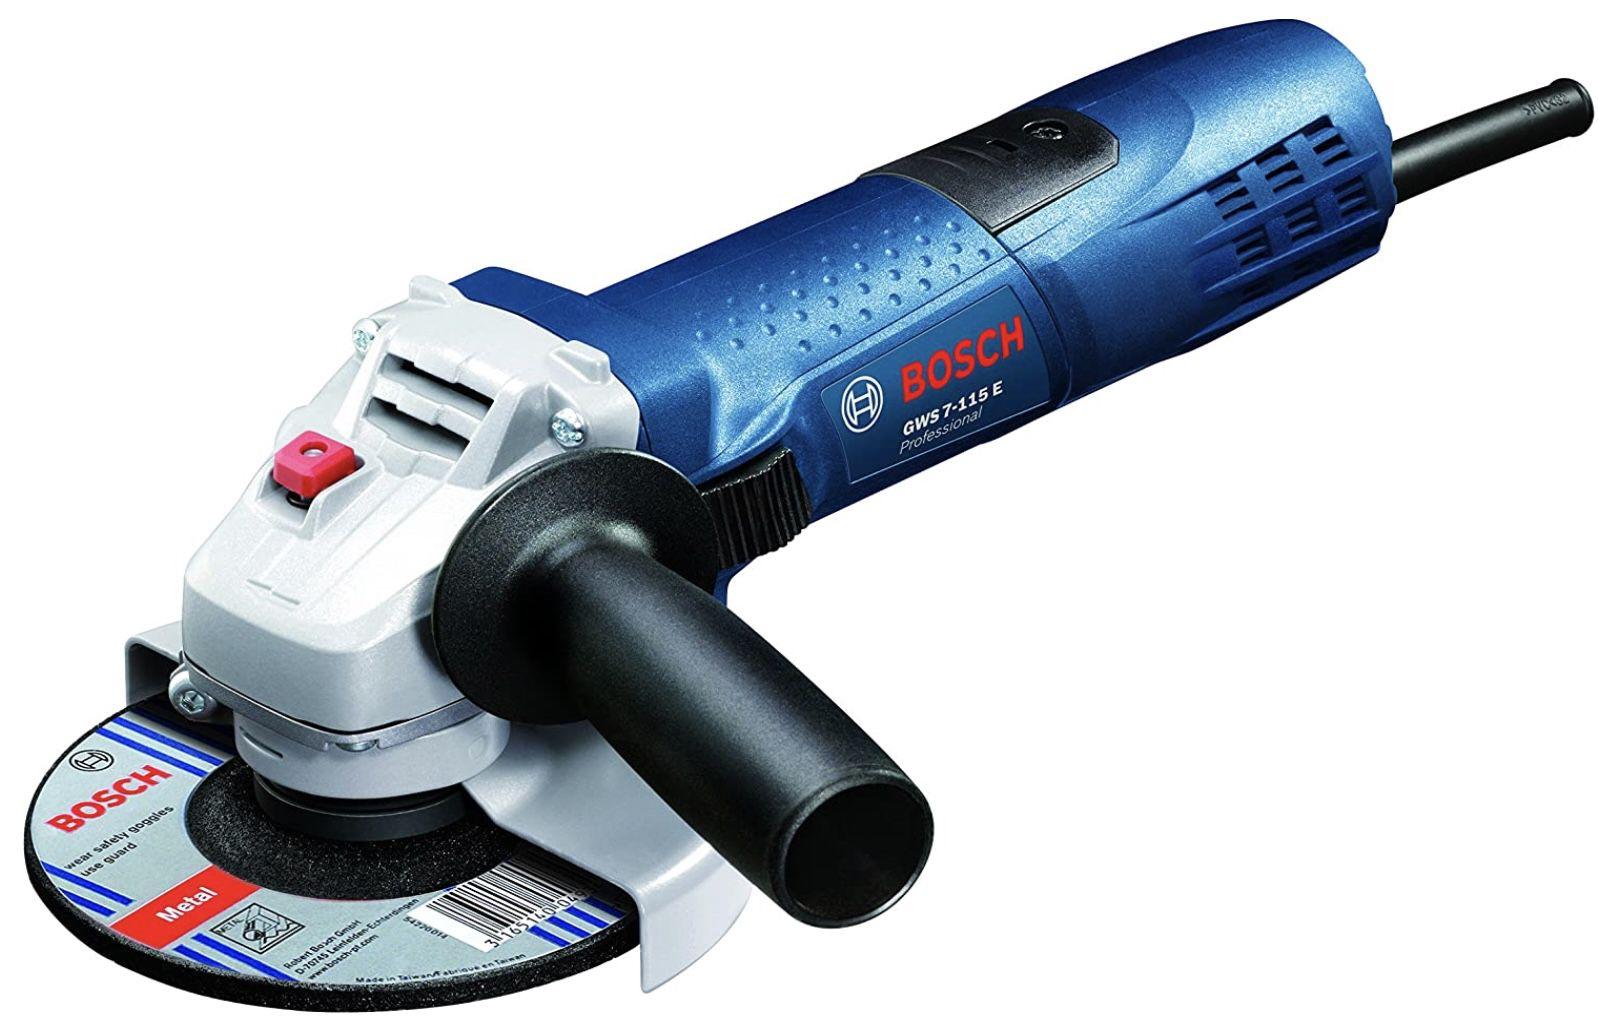 Bosch Professional GWS 7 115 E Winkelschleifer (720 Watt) mit 6 stufiger Drehzahlvorwahl und Wiederanlaufschutz für 51,22€ (statt 66€)